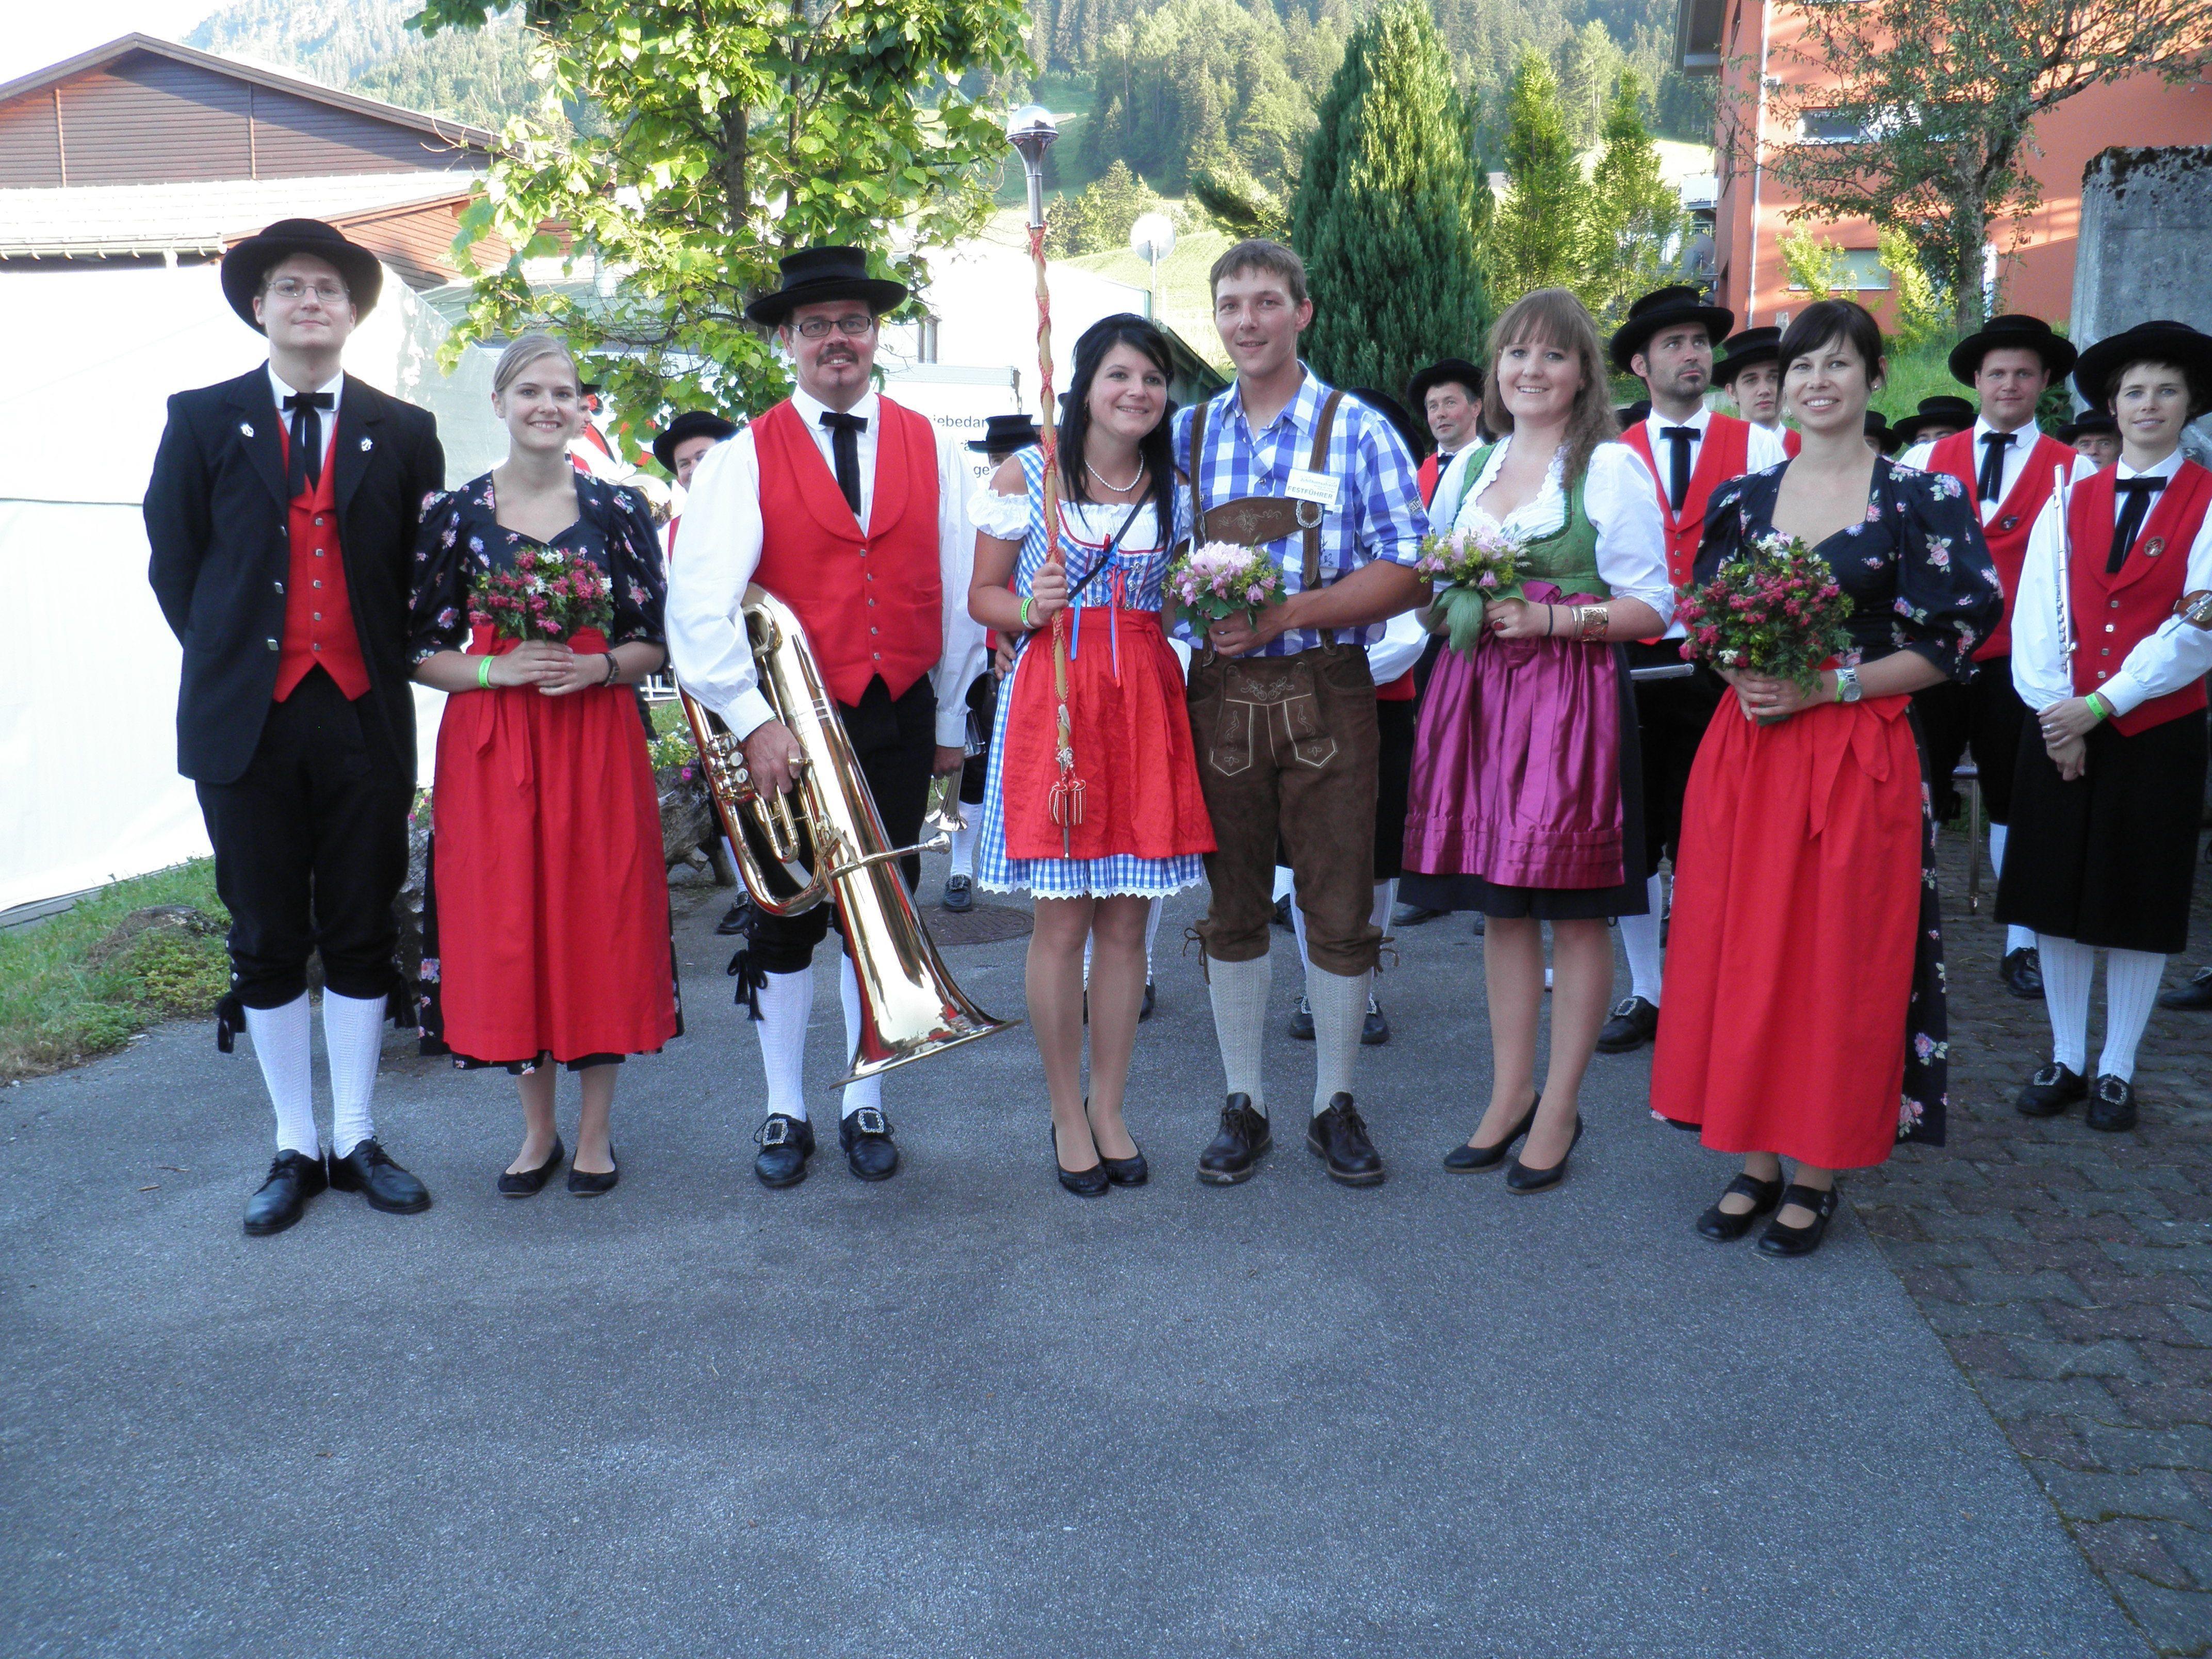 Festf. Bernhard   mit den Fesatdamen und dem MV St.Gerold